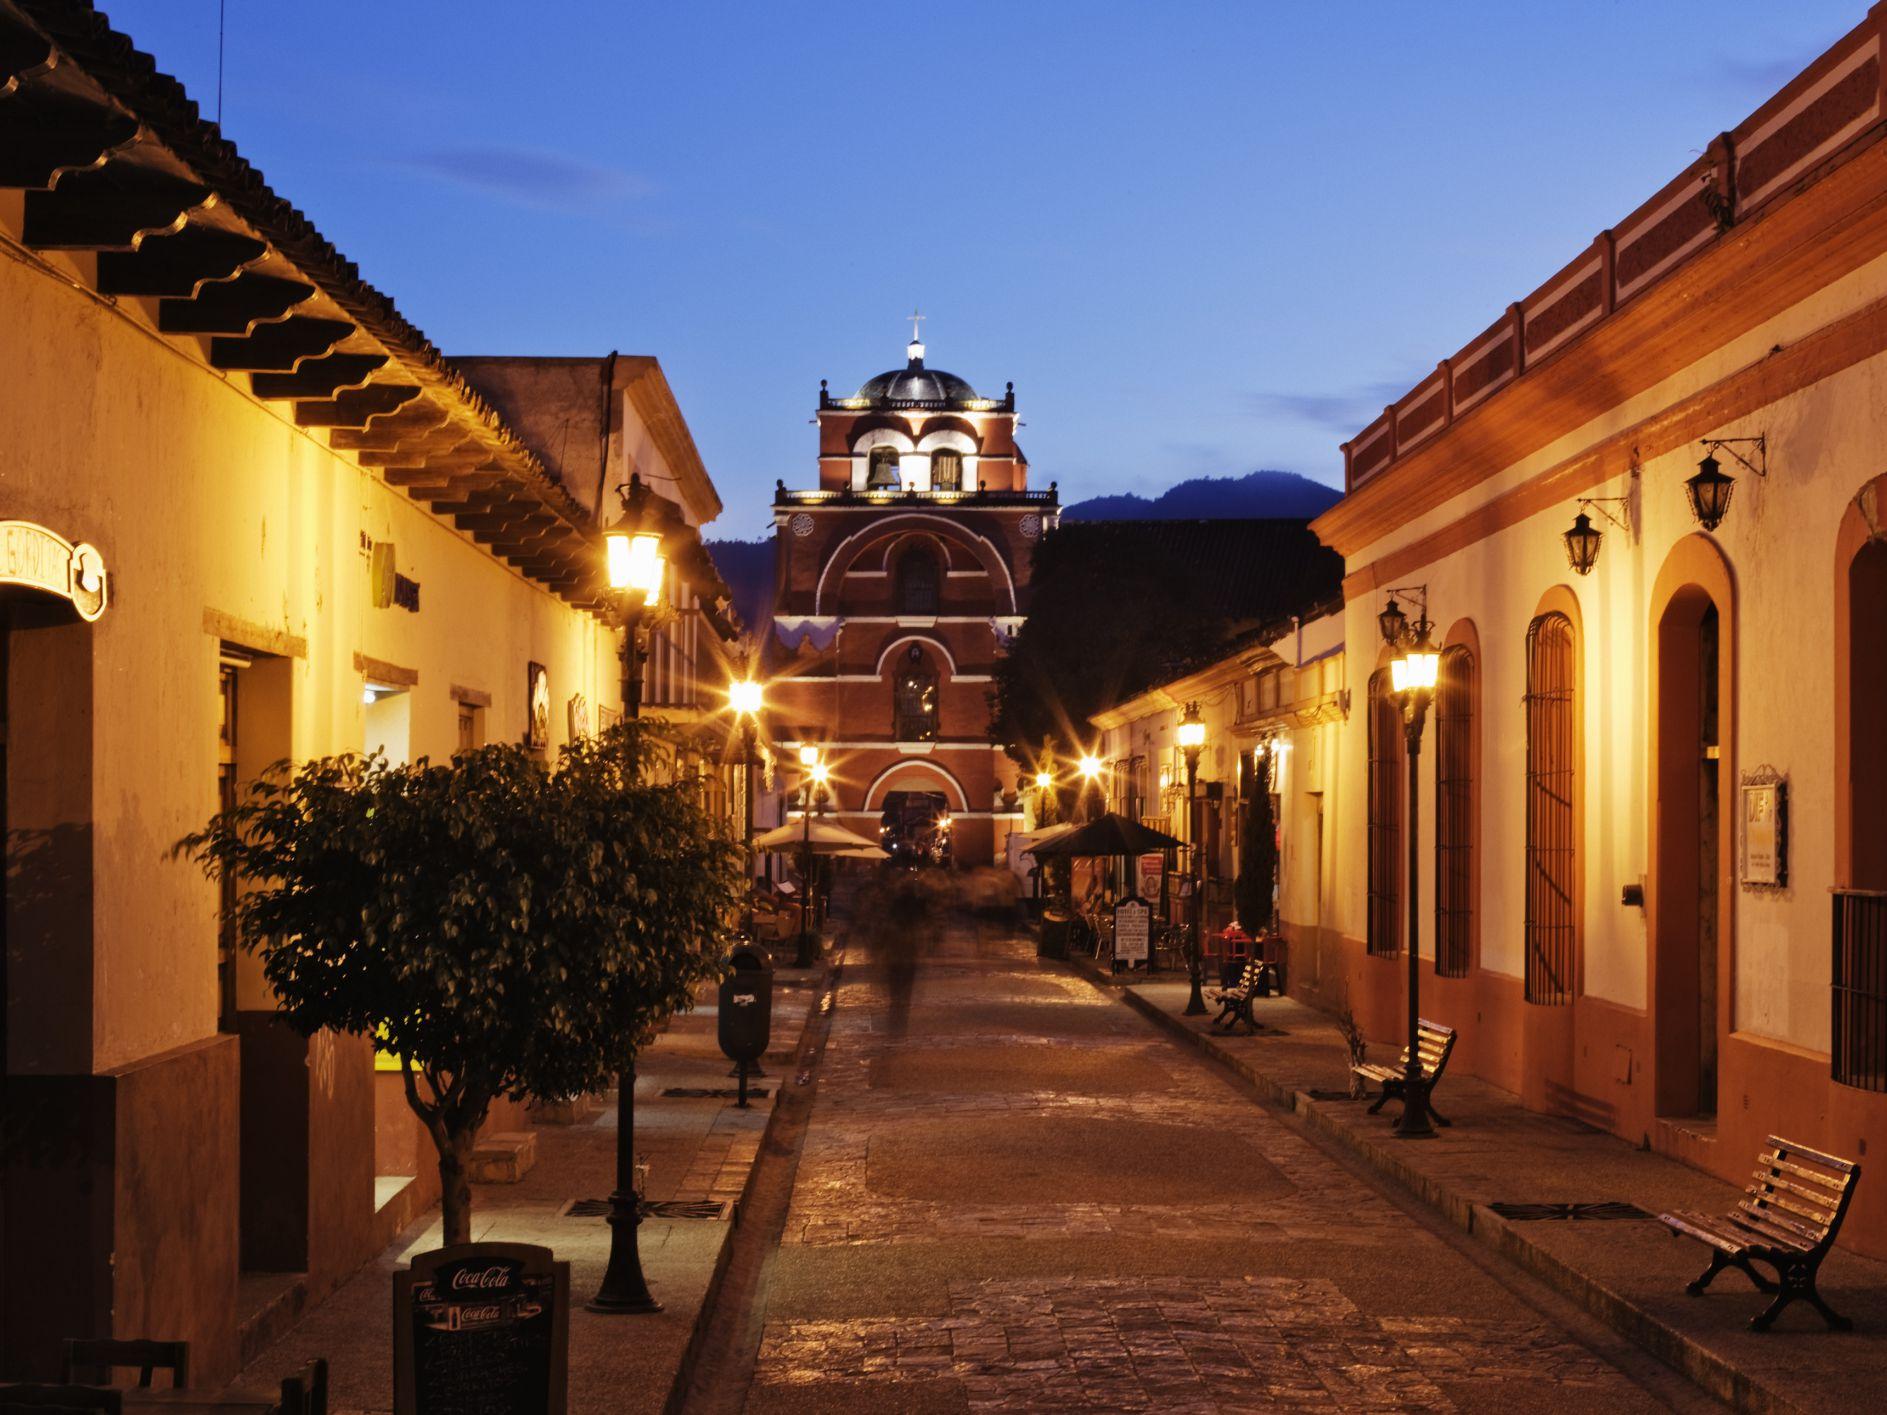 vista del Arco del Carmen en San Cristóbal de las Casas